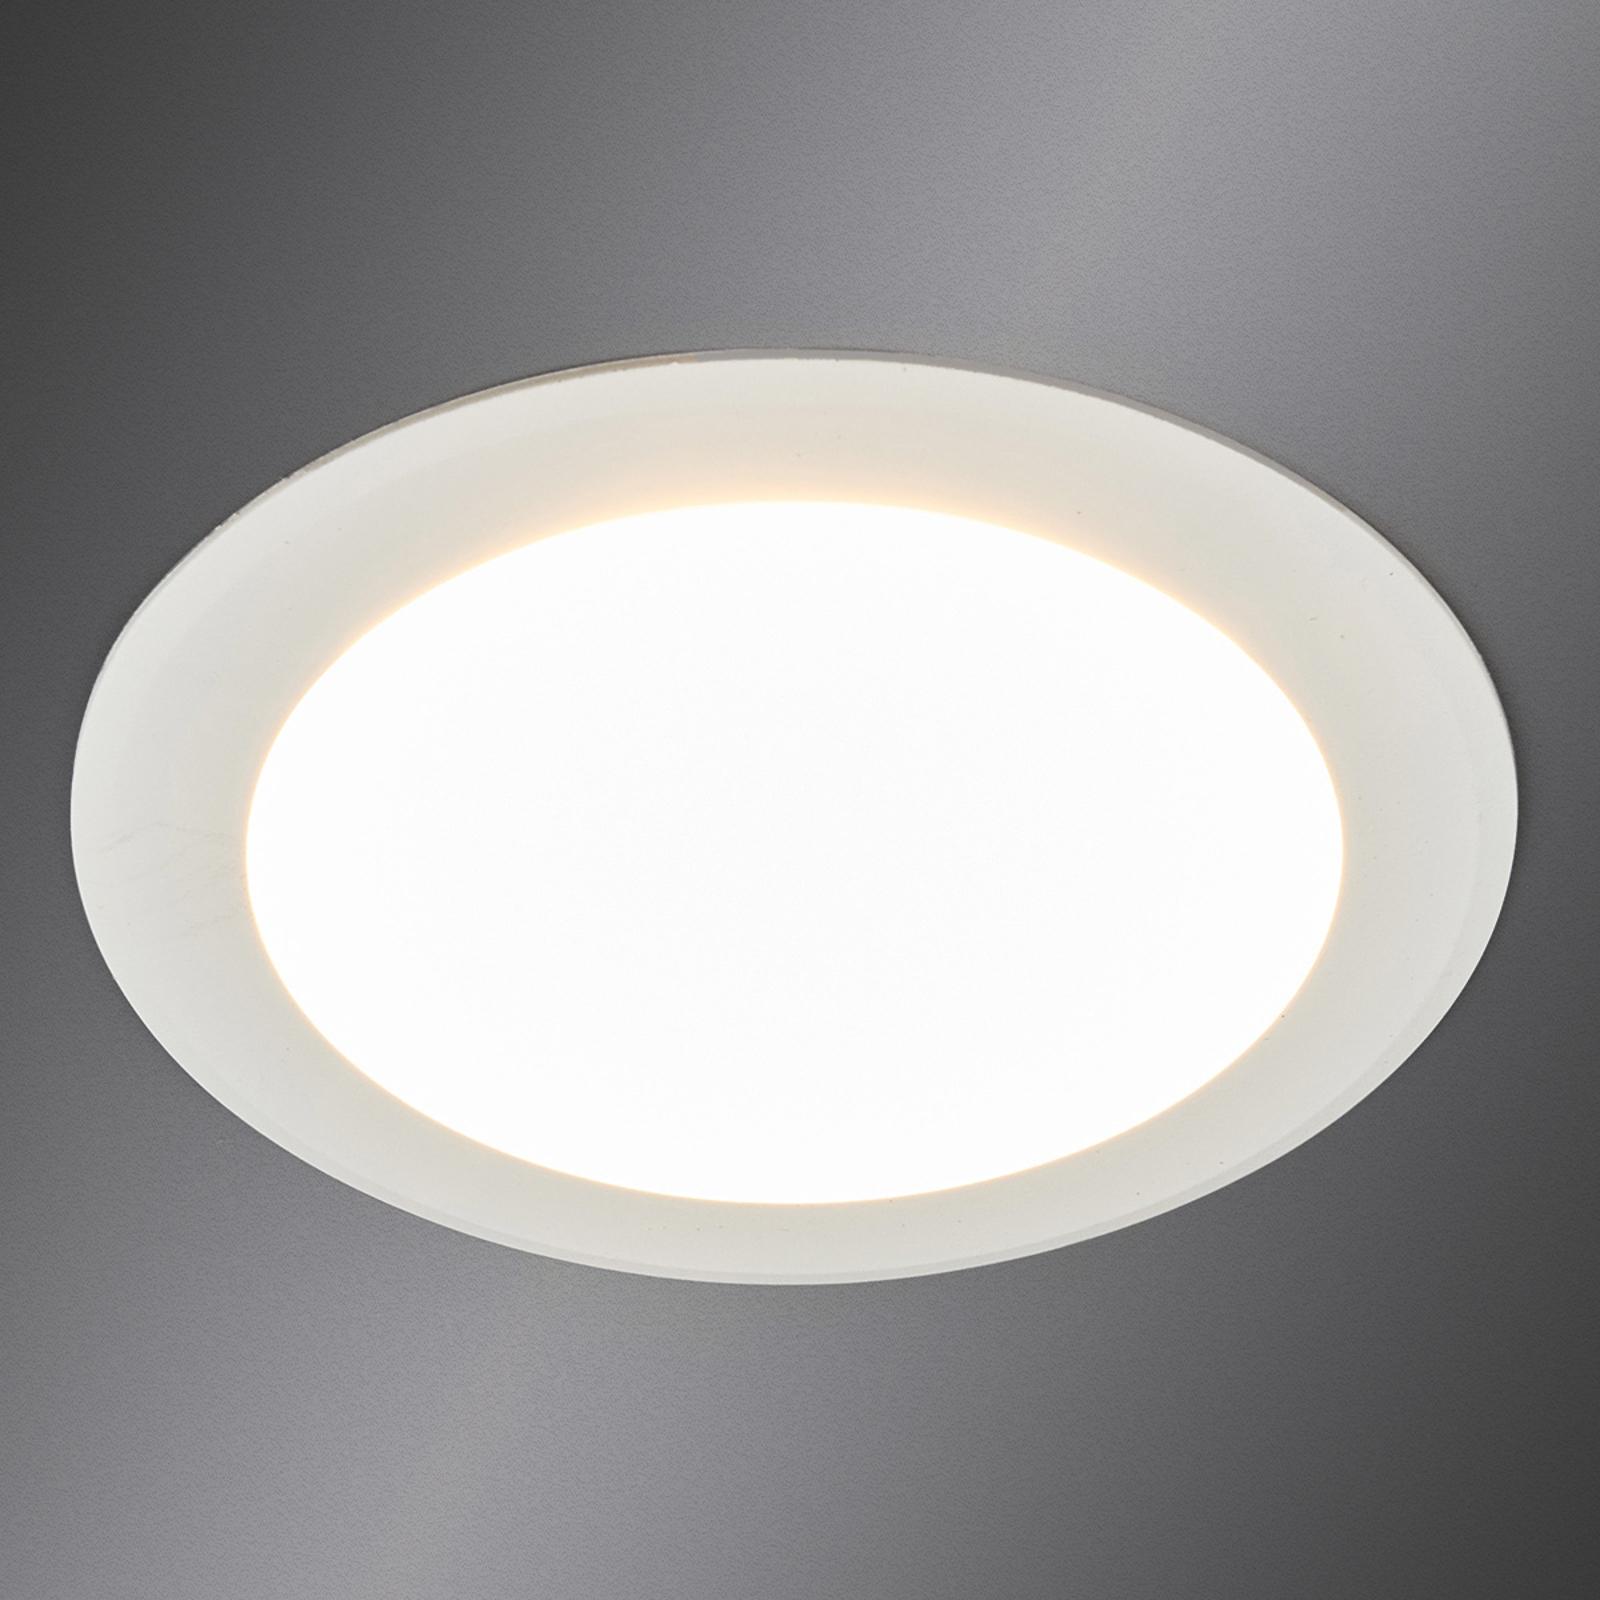 Arian - LED-innfellingsspot i hvitt, 11,3 cm